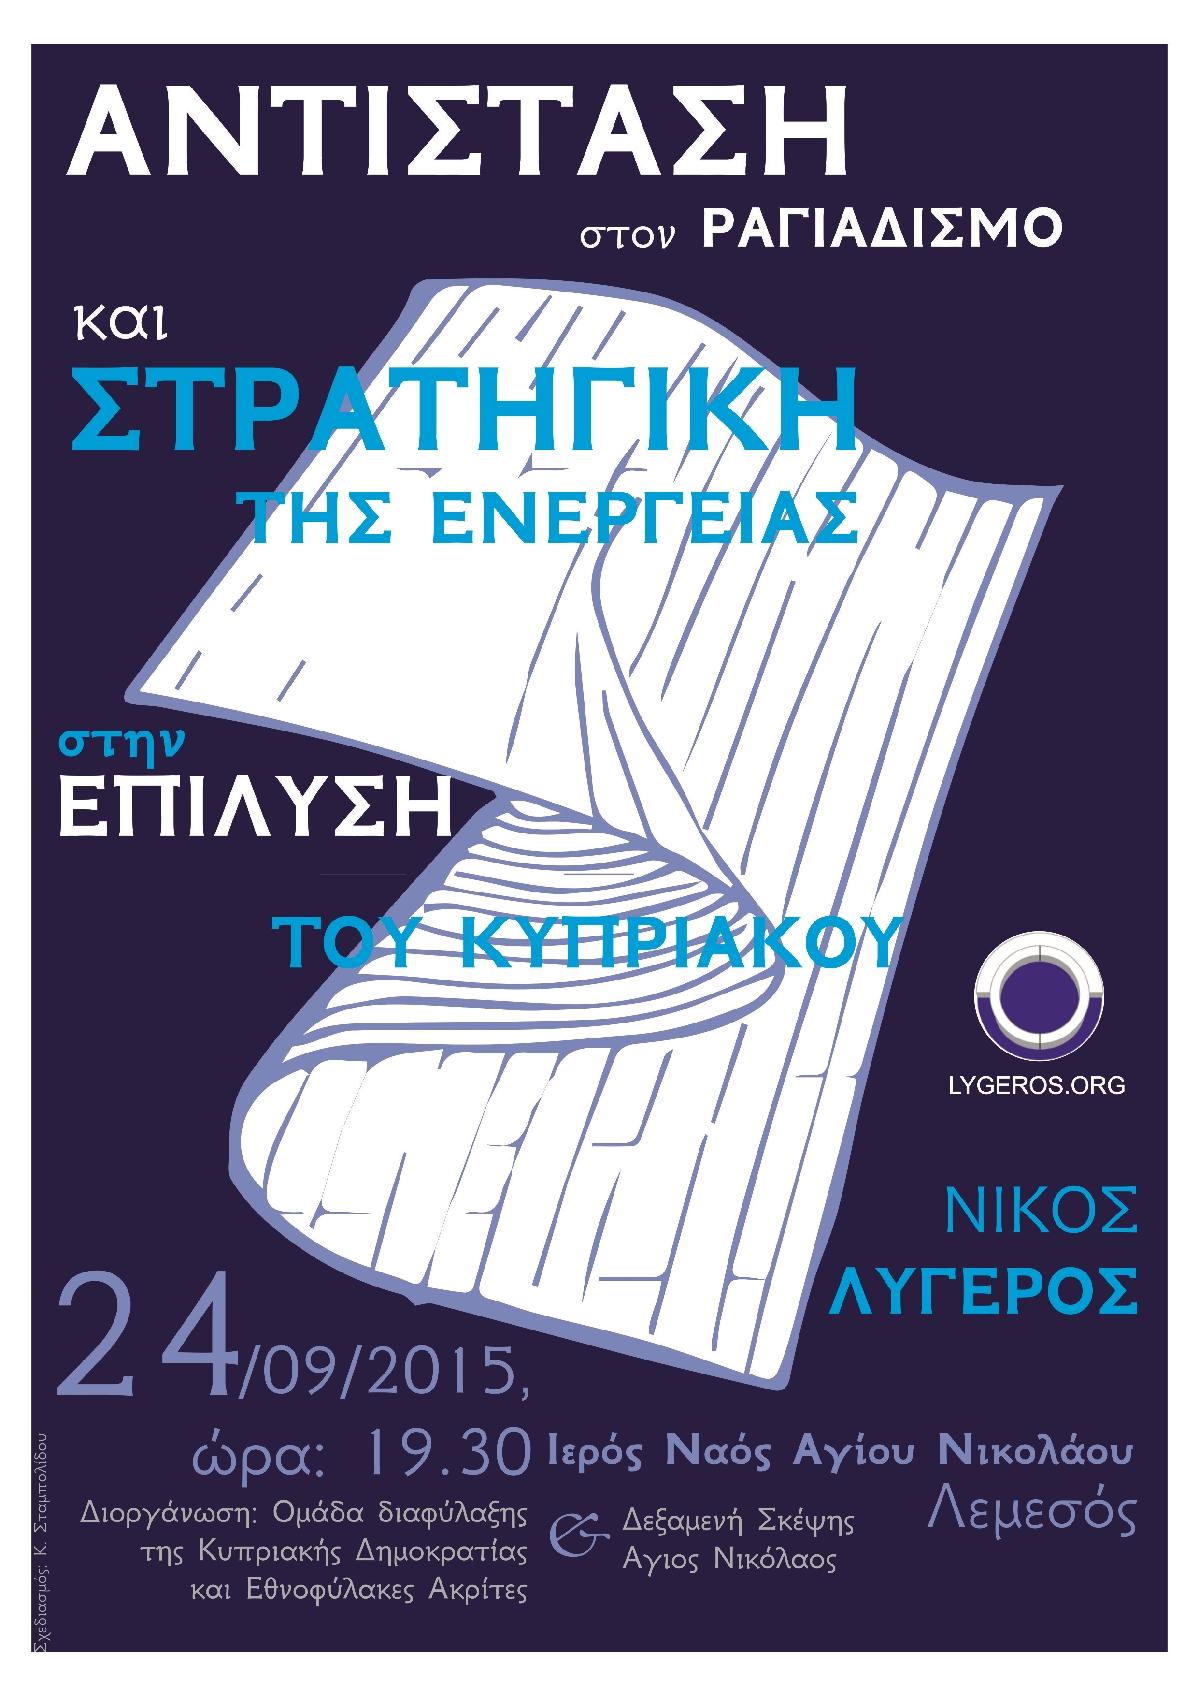 Αντίσταση στον ραγιαδισμό και στρατηγική της ενέργειας στην επίλυση του Κυπριακού